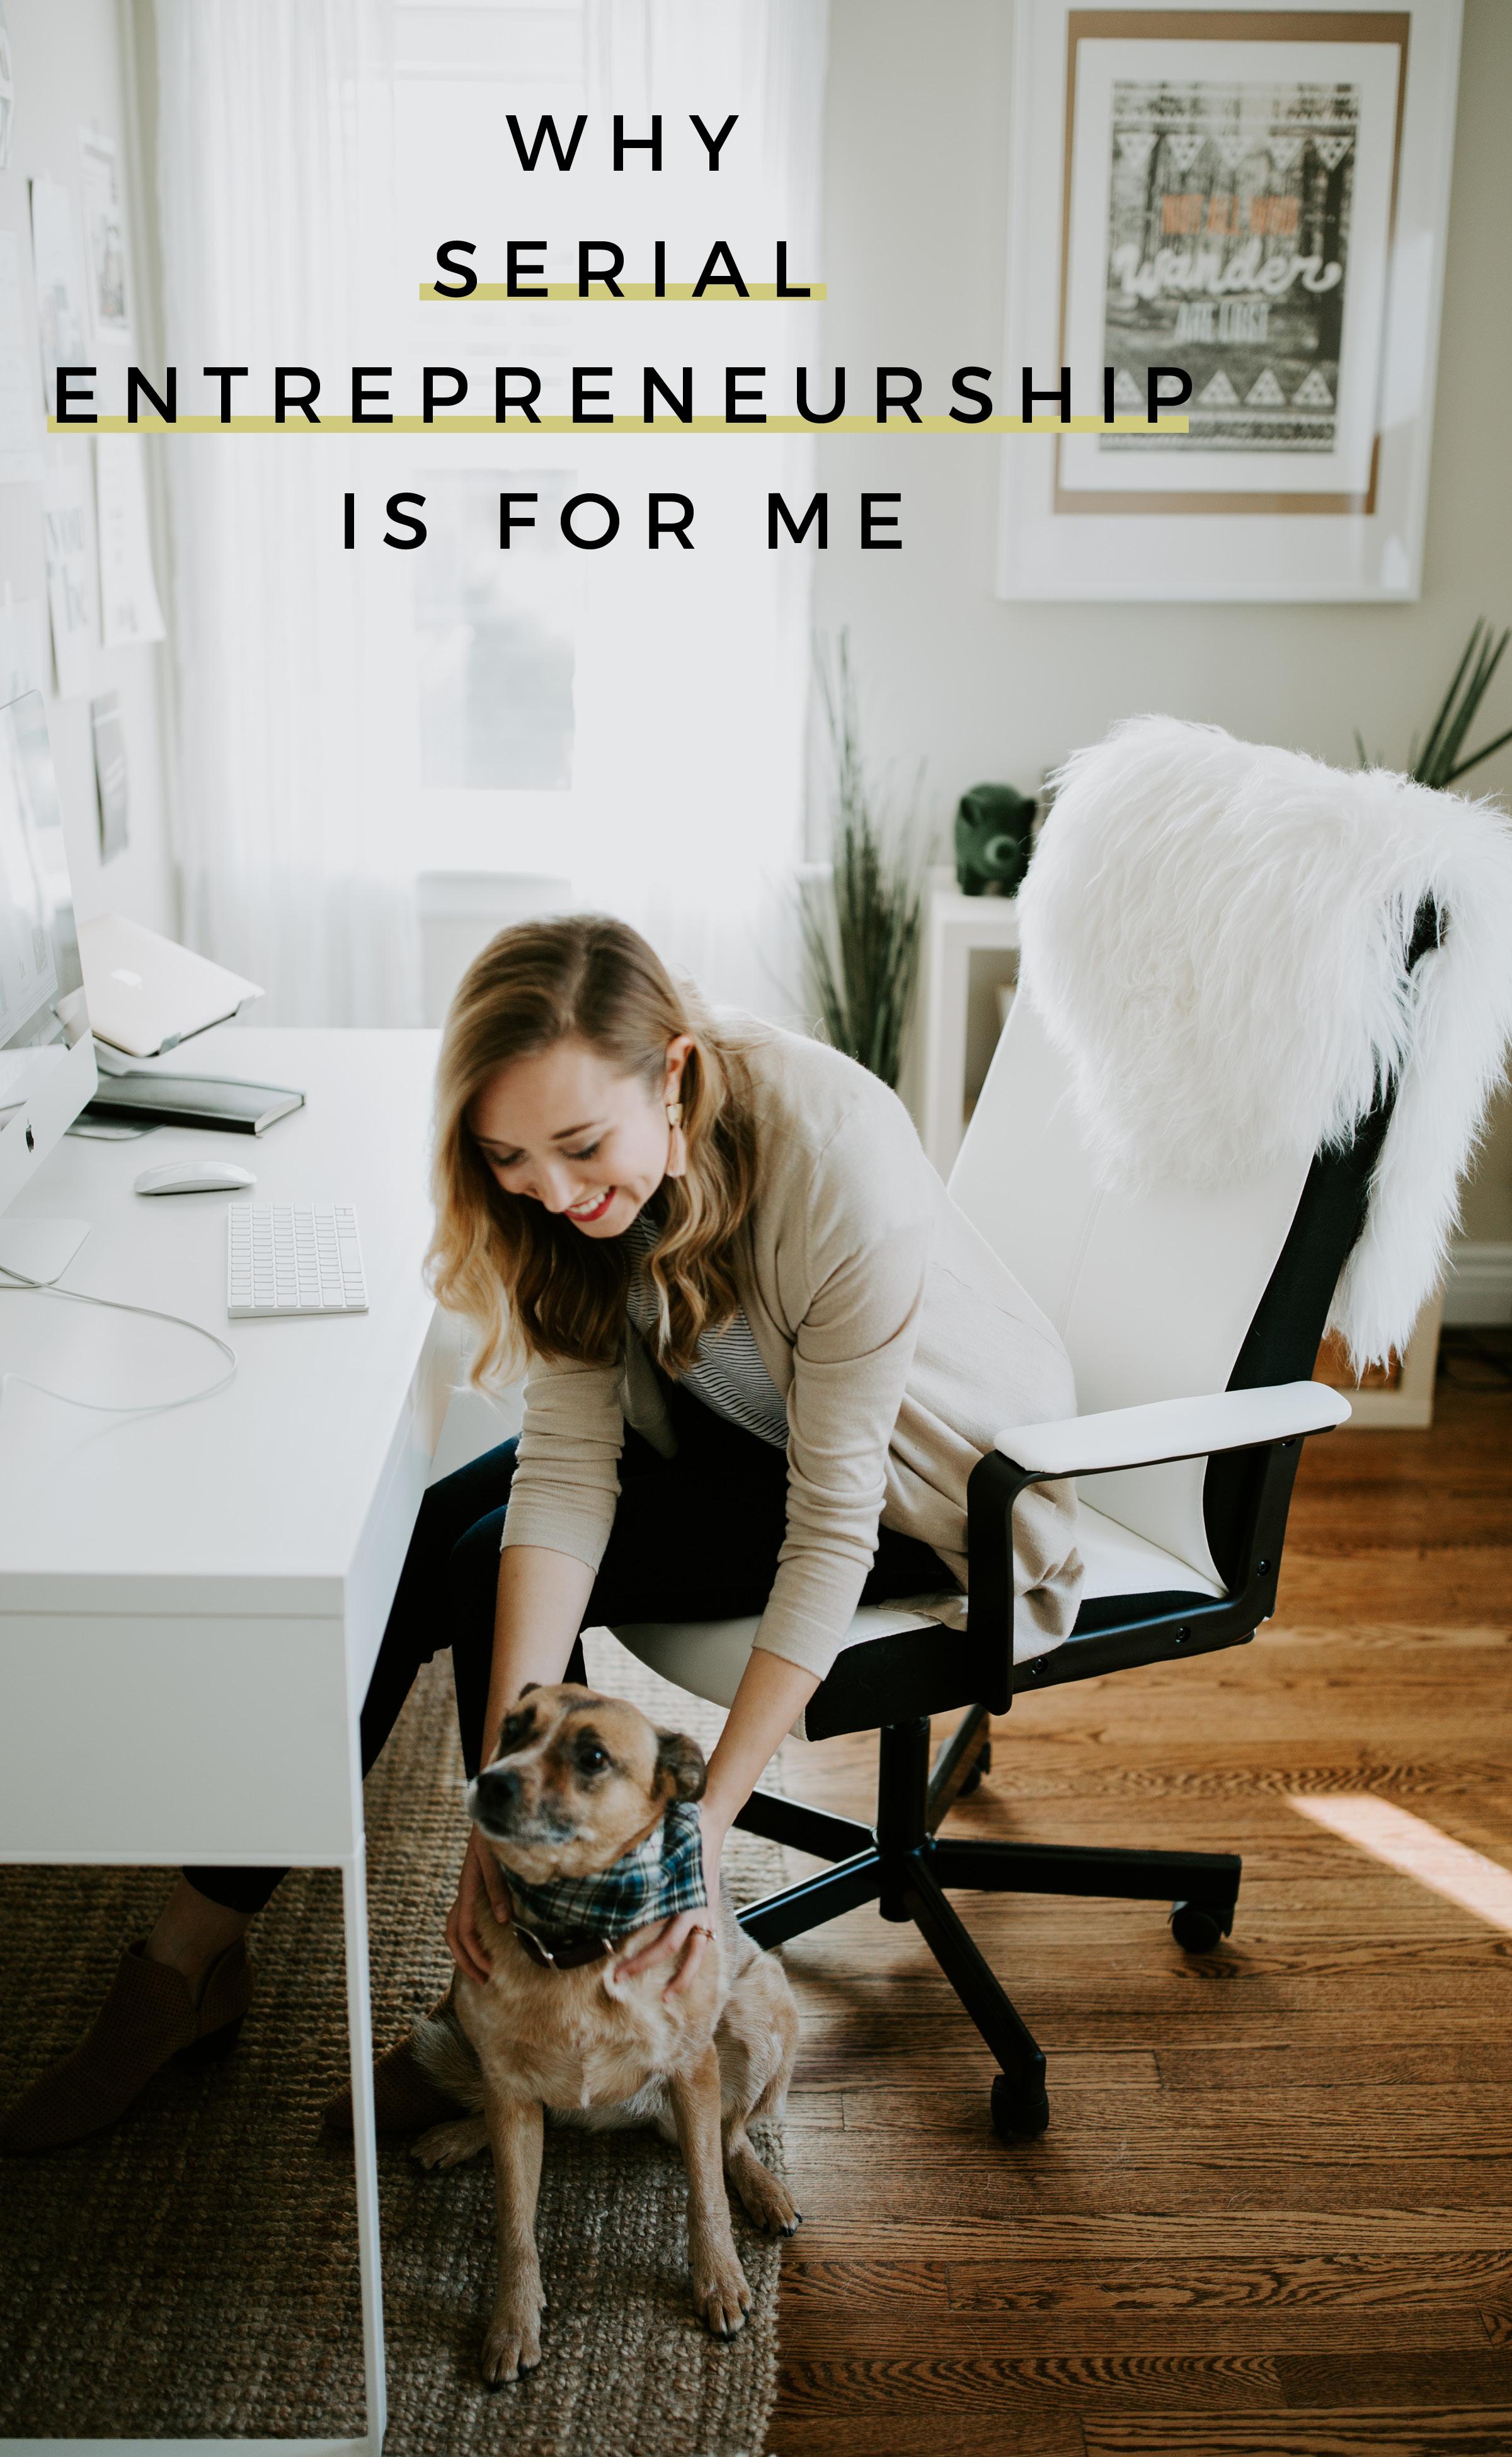 Why Serial Entrepreneurship Is For Me